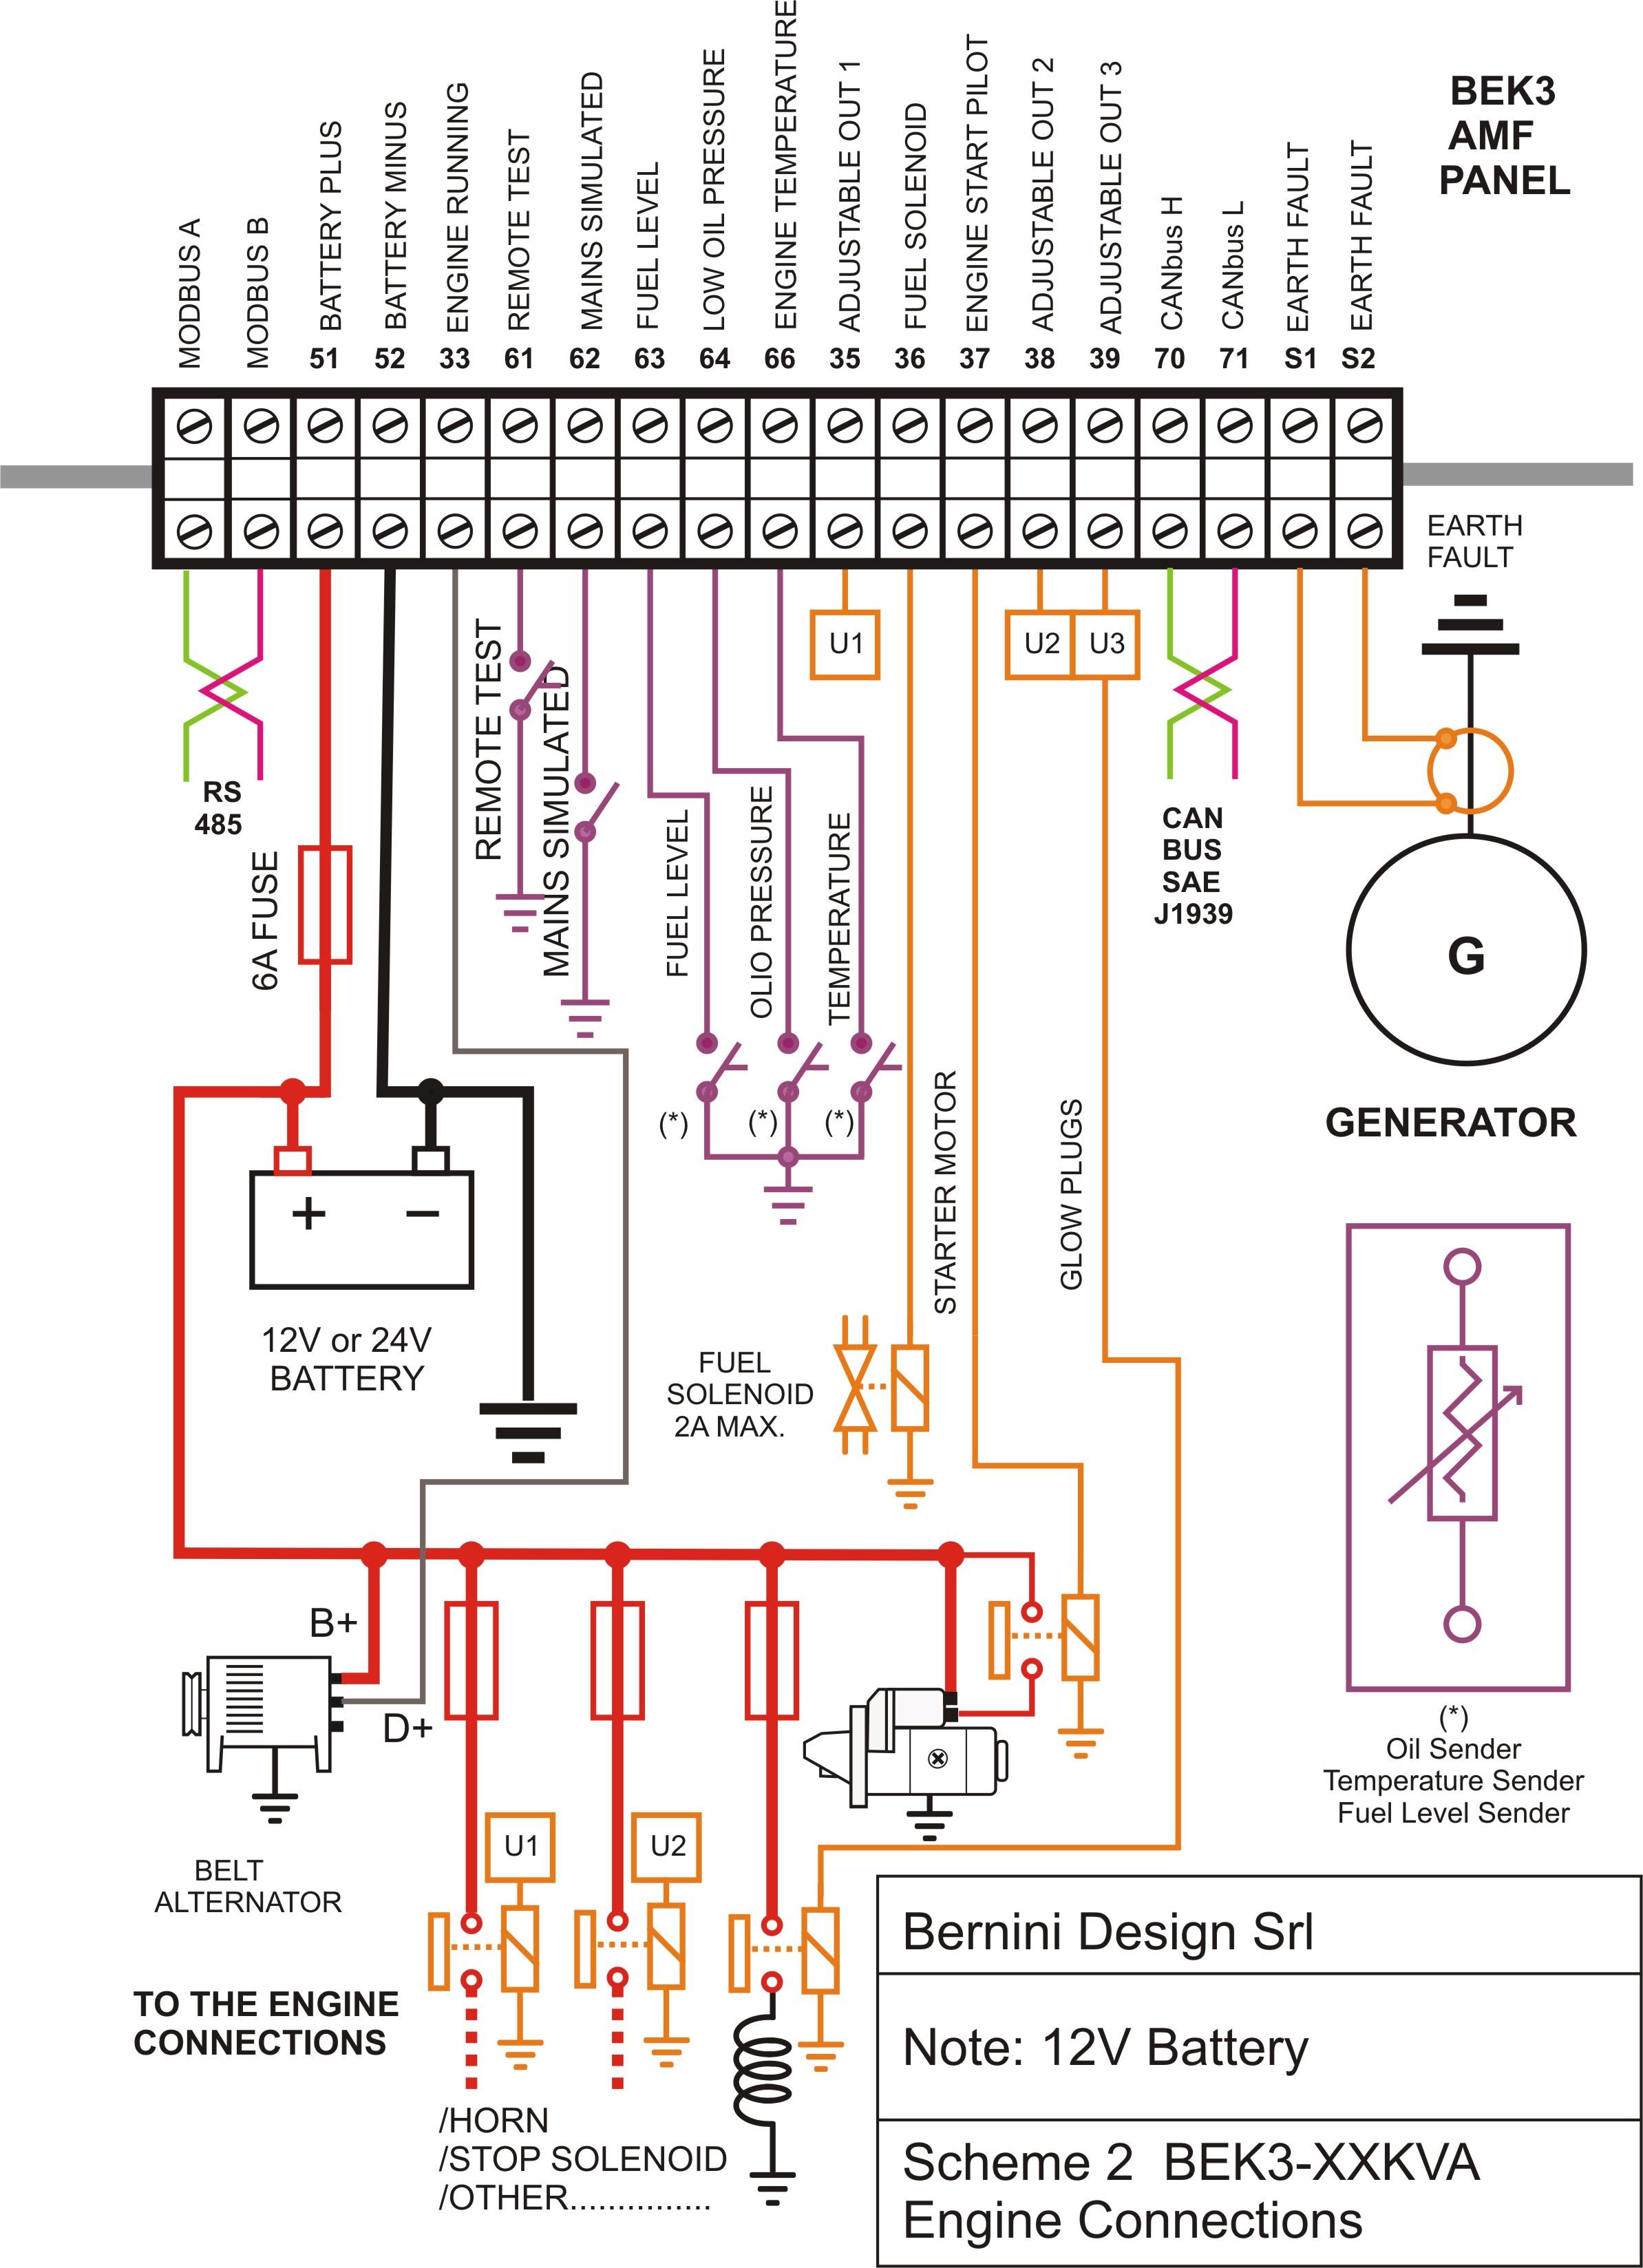 Lexus Is200 Wiring Diagrams Pdf Diagram Libraries Libraryamf Control Panel Circuit Genset Controller